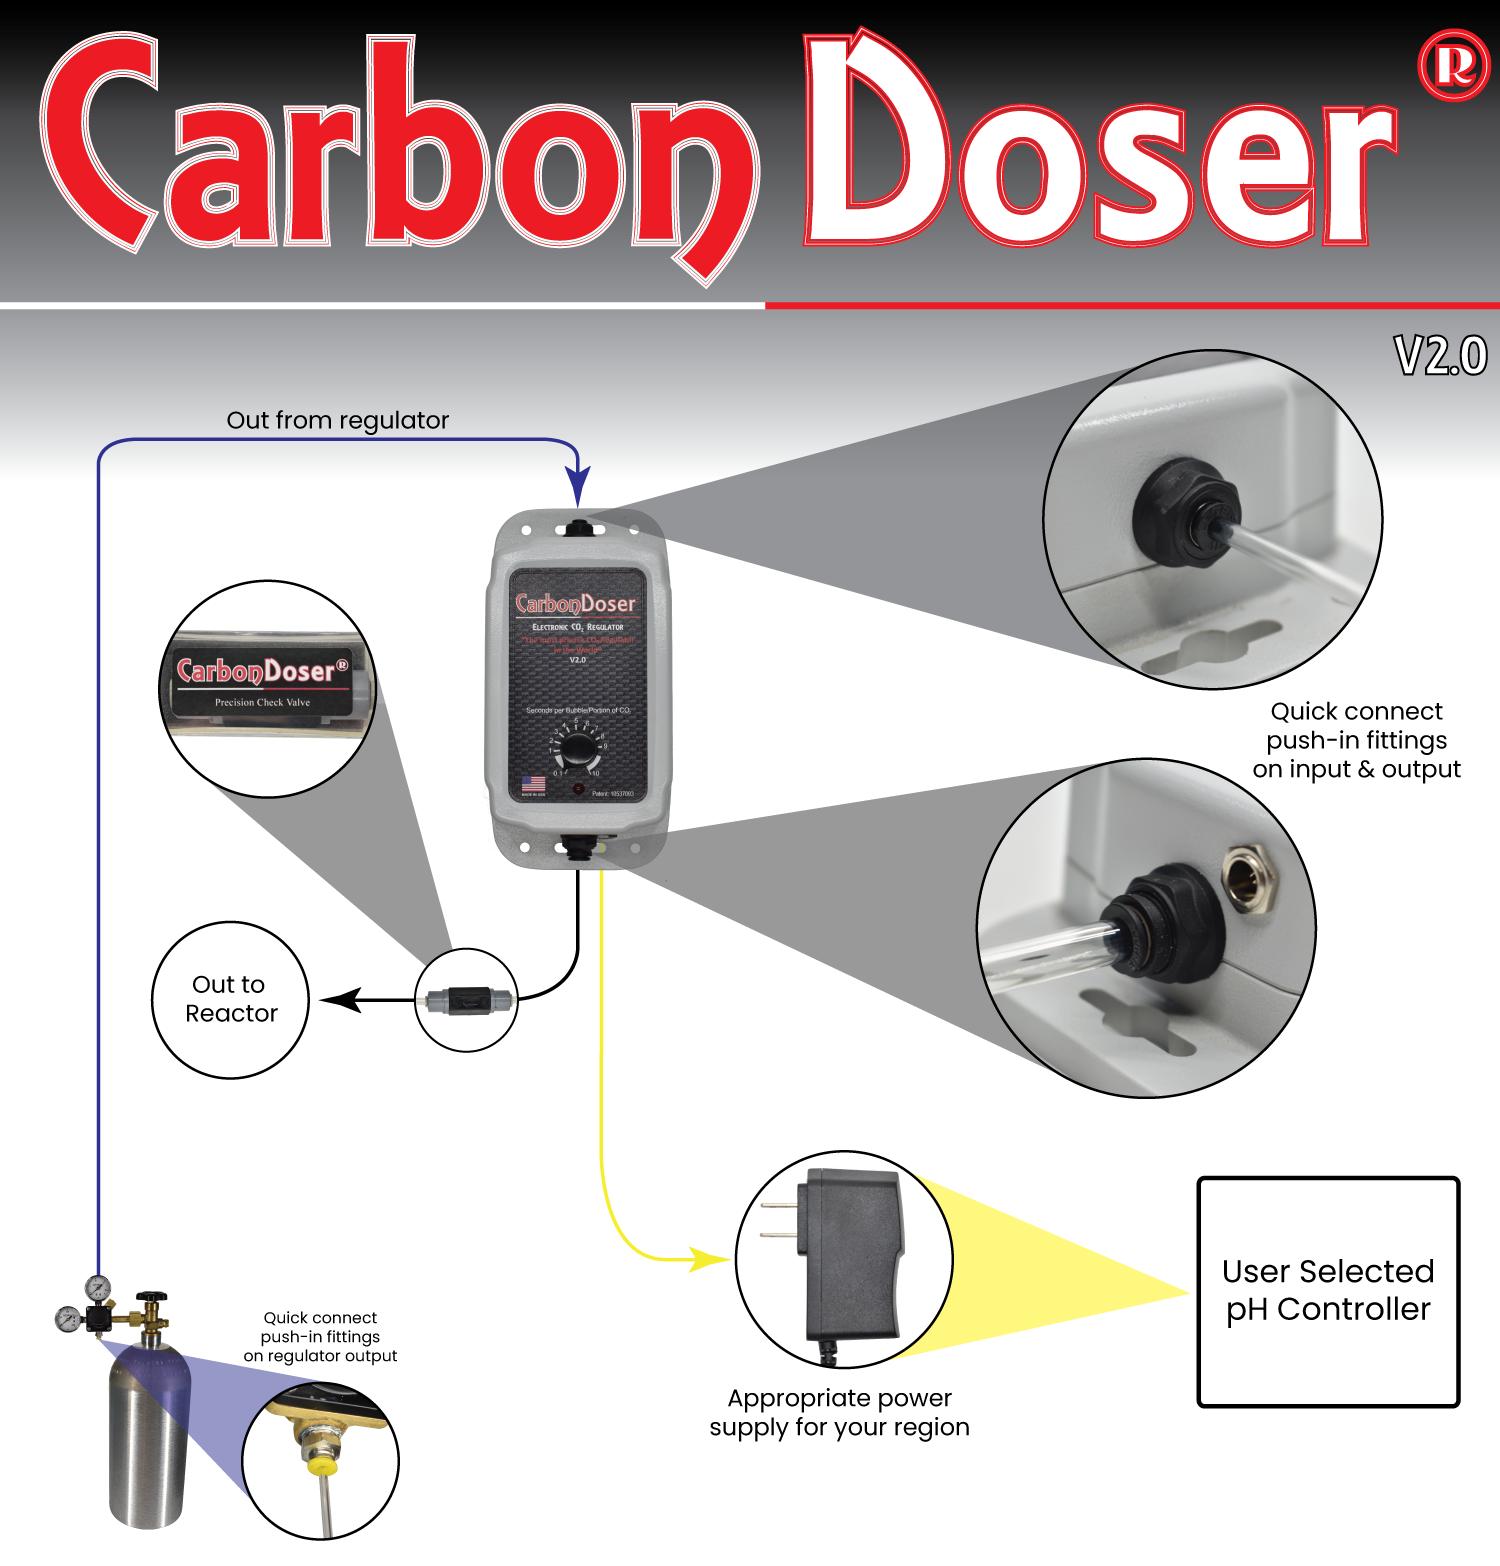 Carbon Doser - v2.0